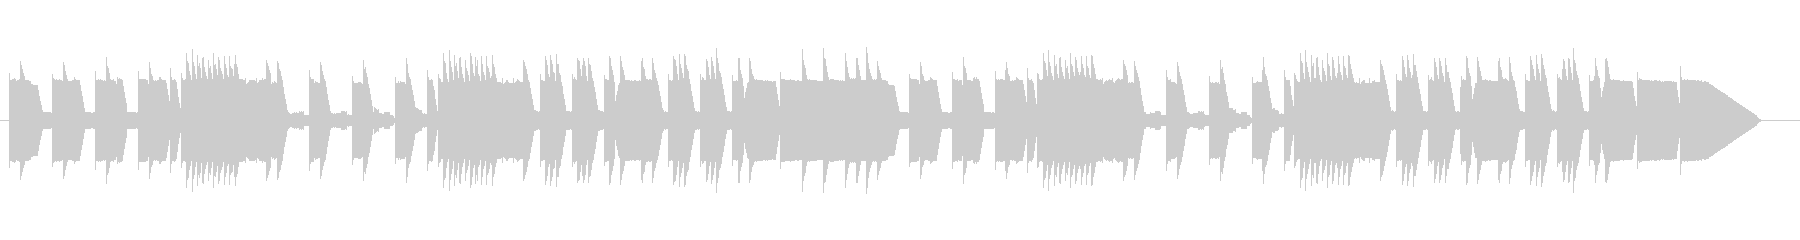 ゲームのフィールド曲風な楽曲です。ファ…の未再生の波形